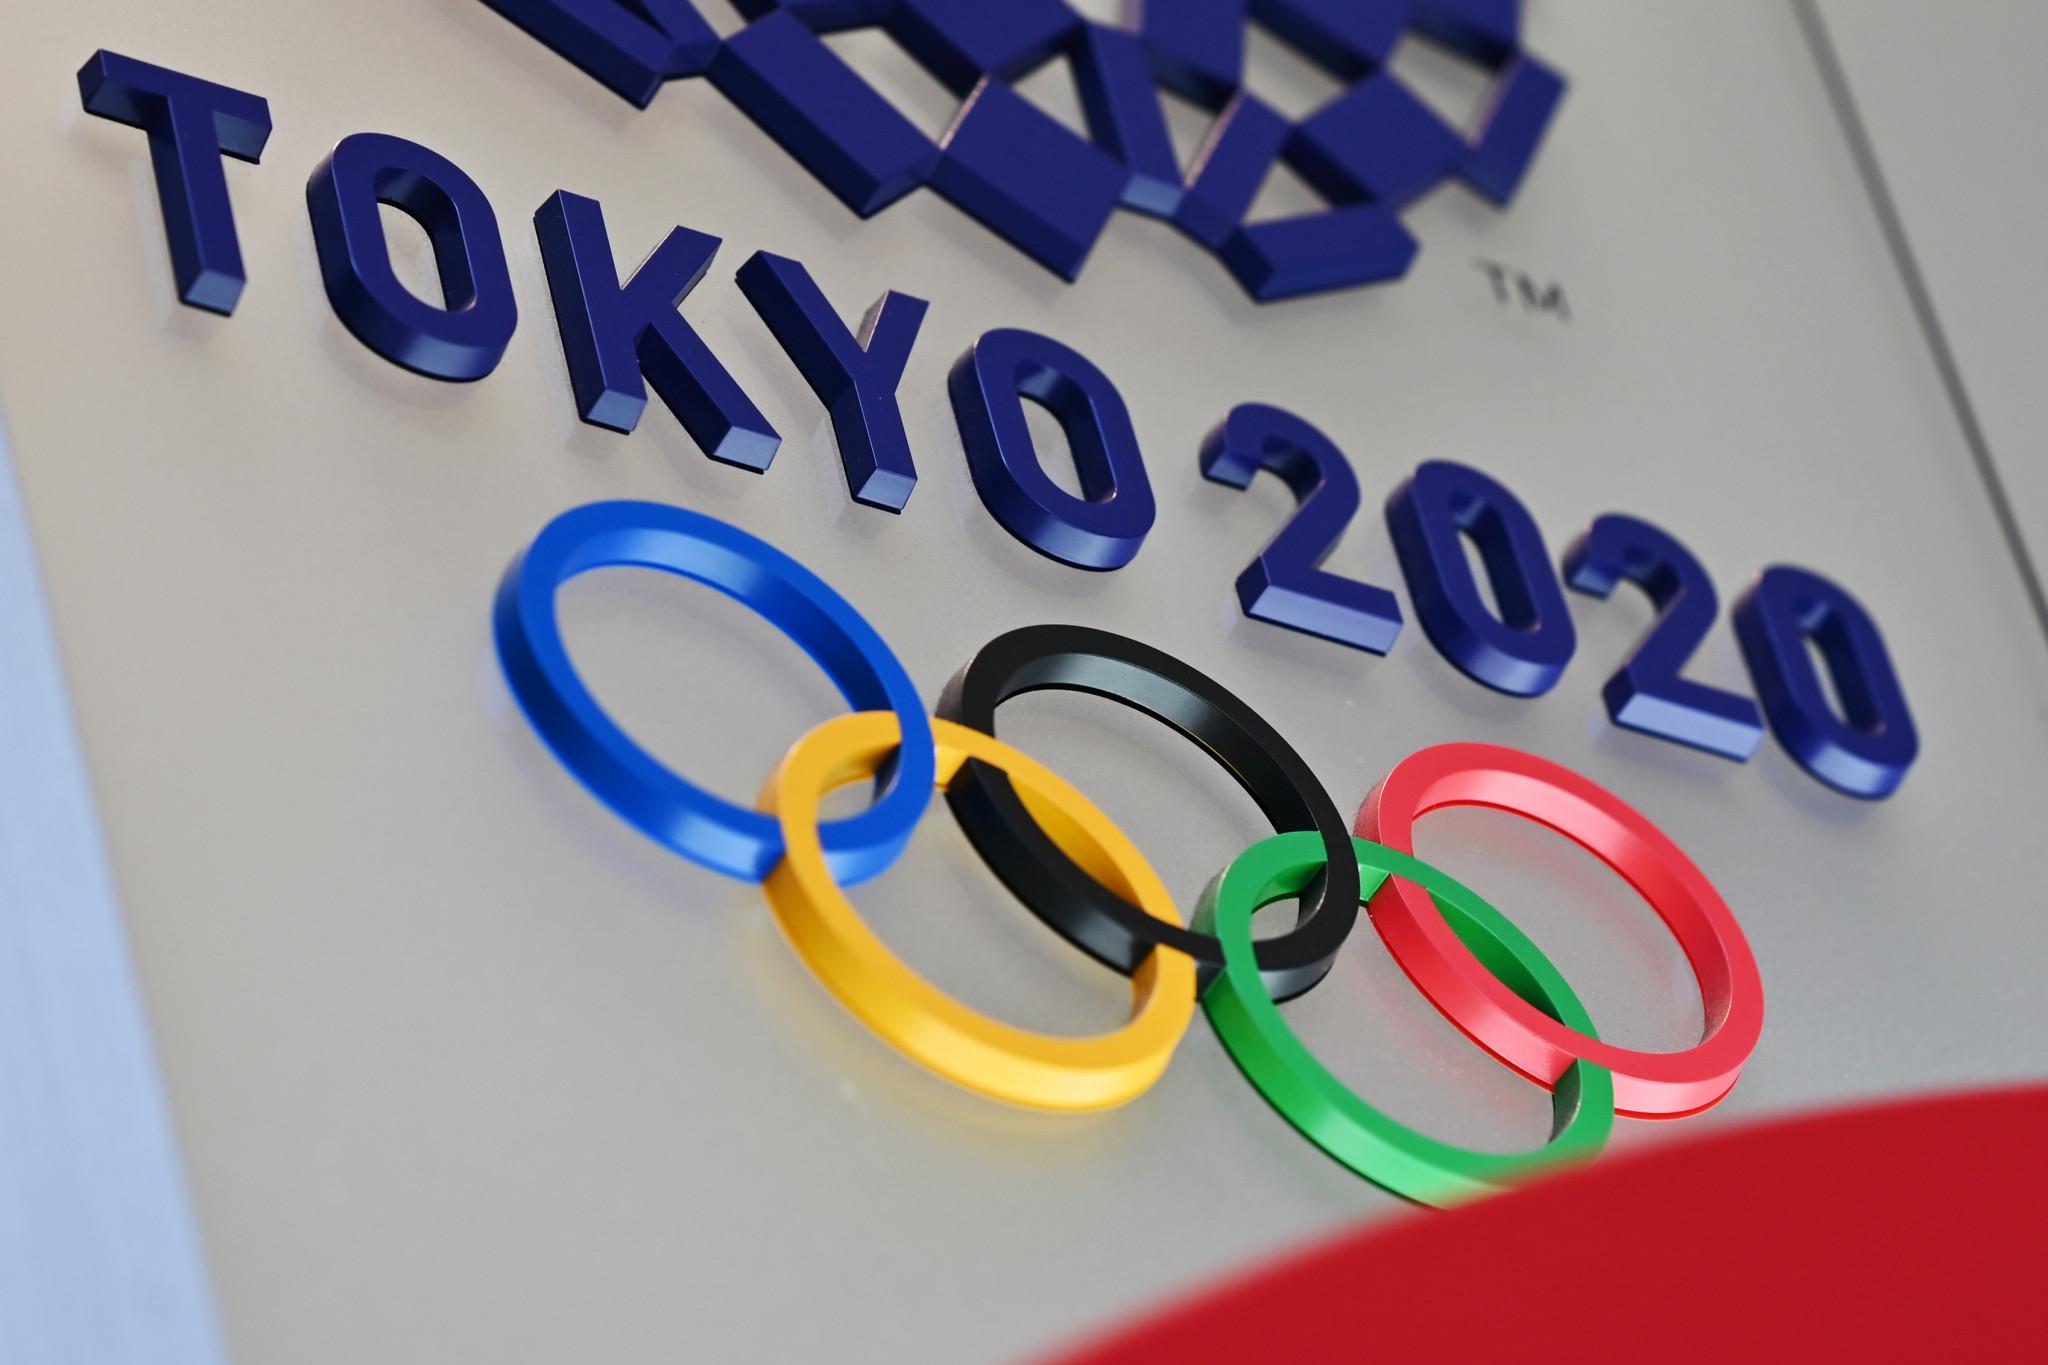 Número de casos en Tokio 2020 hasta ahora